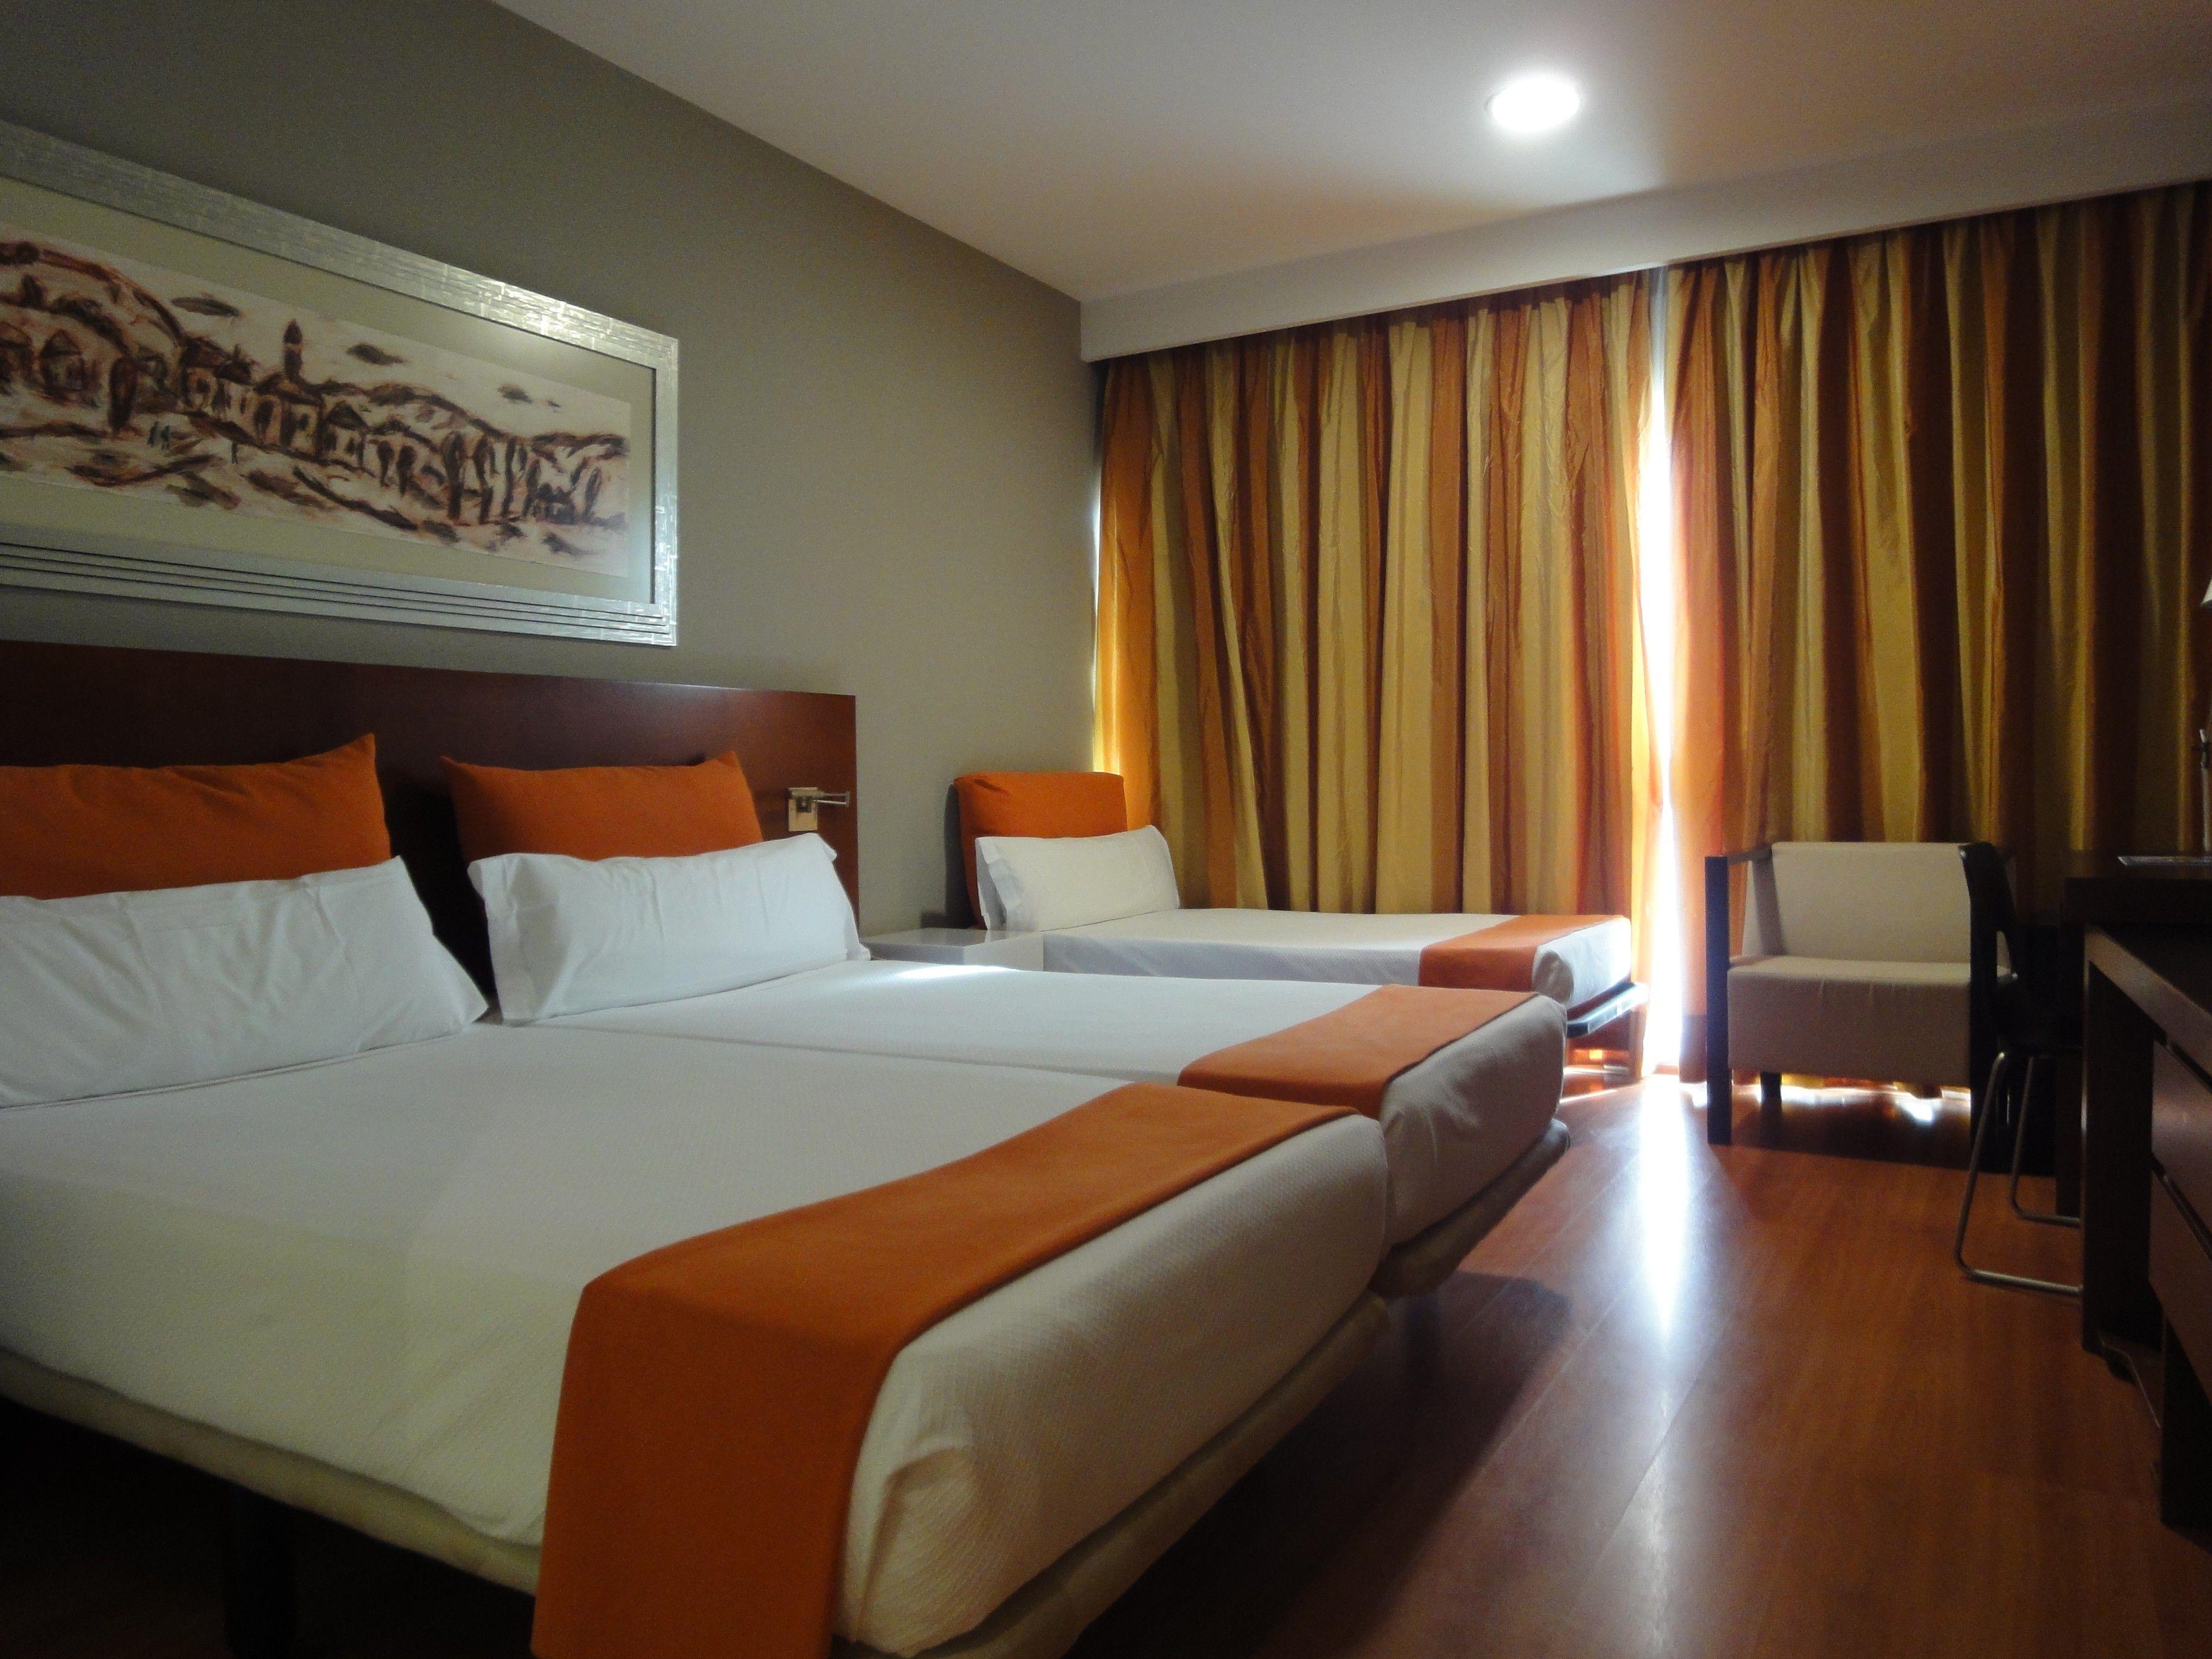 Doble Standard con cama supletoria del hotel Eurohotel Barcelona Gran Via Fira